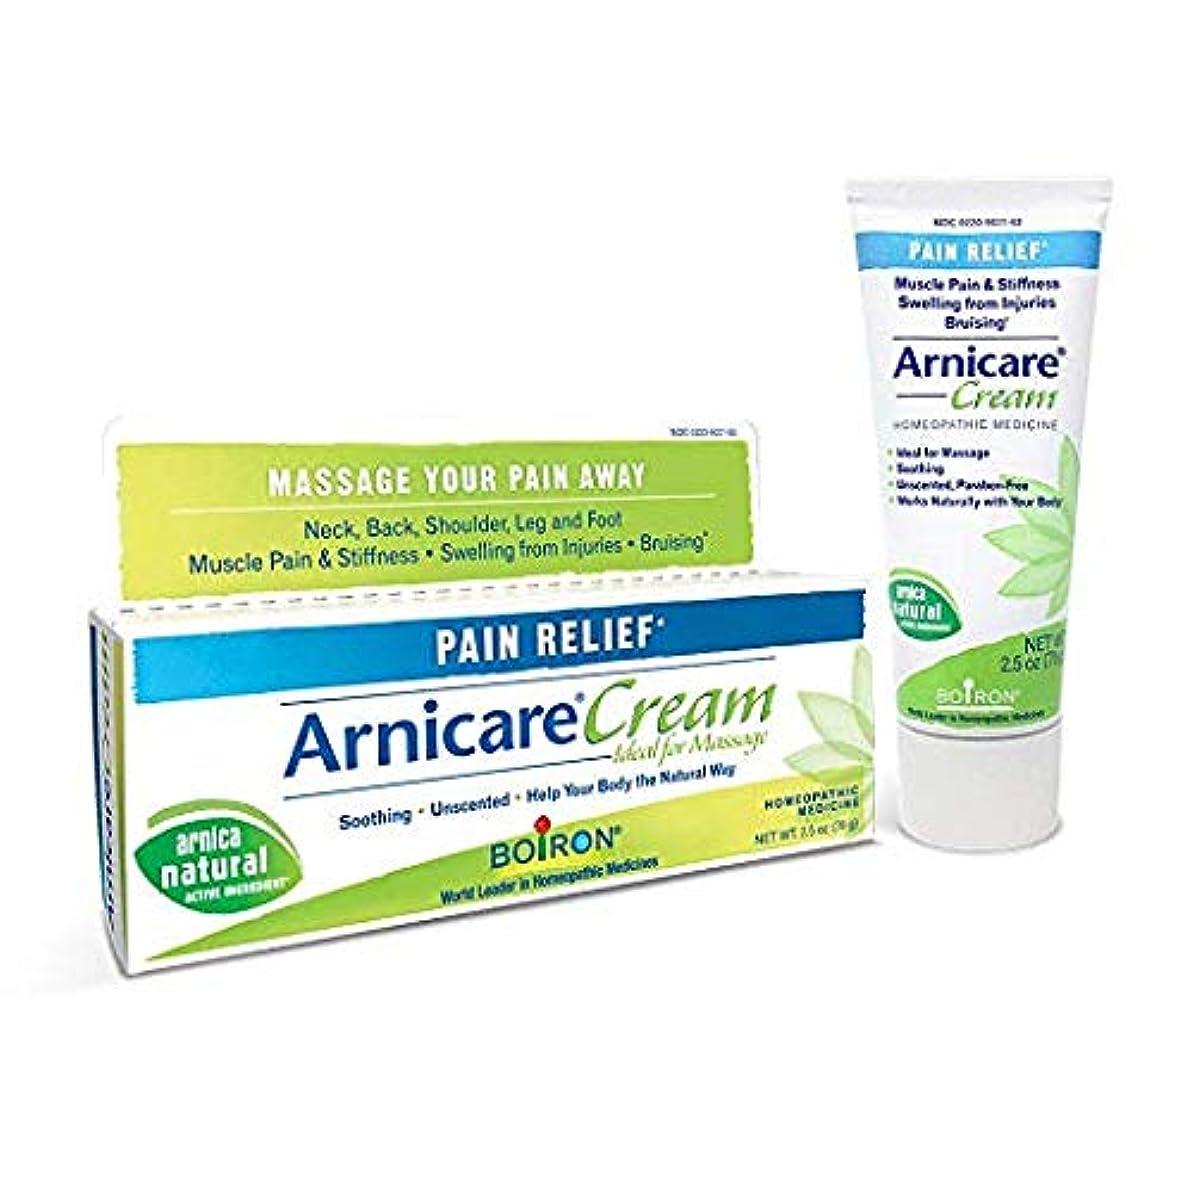 羨望誓うアトミックボイロン アルニカクリーム Boiron Arnicare Cream 2.5 Ounces Topical Pain Relief Cream [並行輸入品]